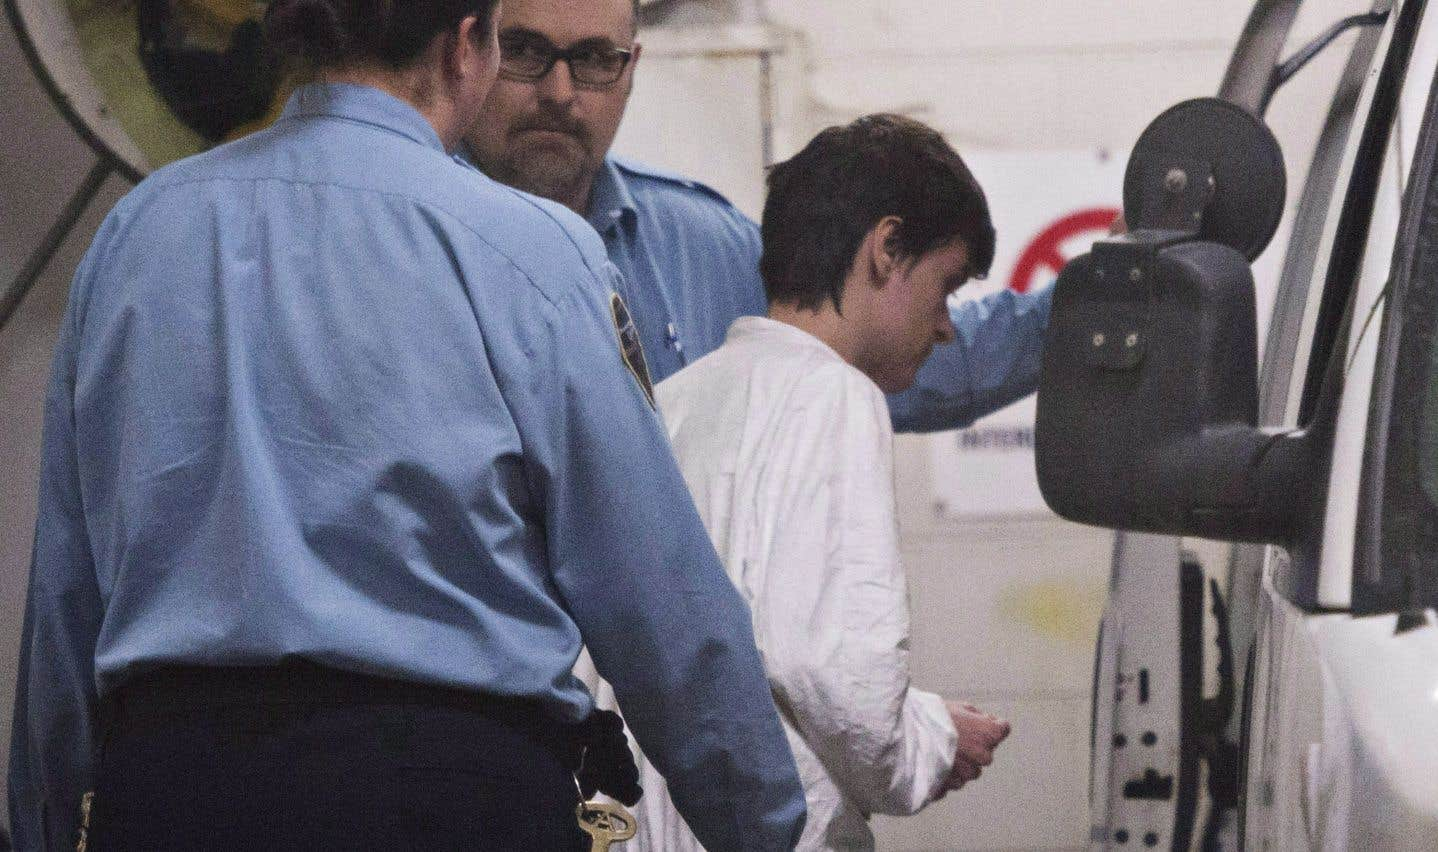 Le procès d'Alexandre Bissonnette doit commencer le 26mars, au palais de justice de Québec.